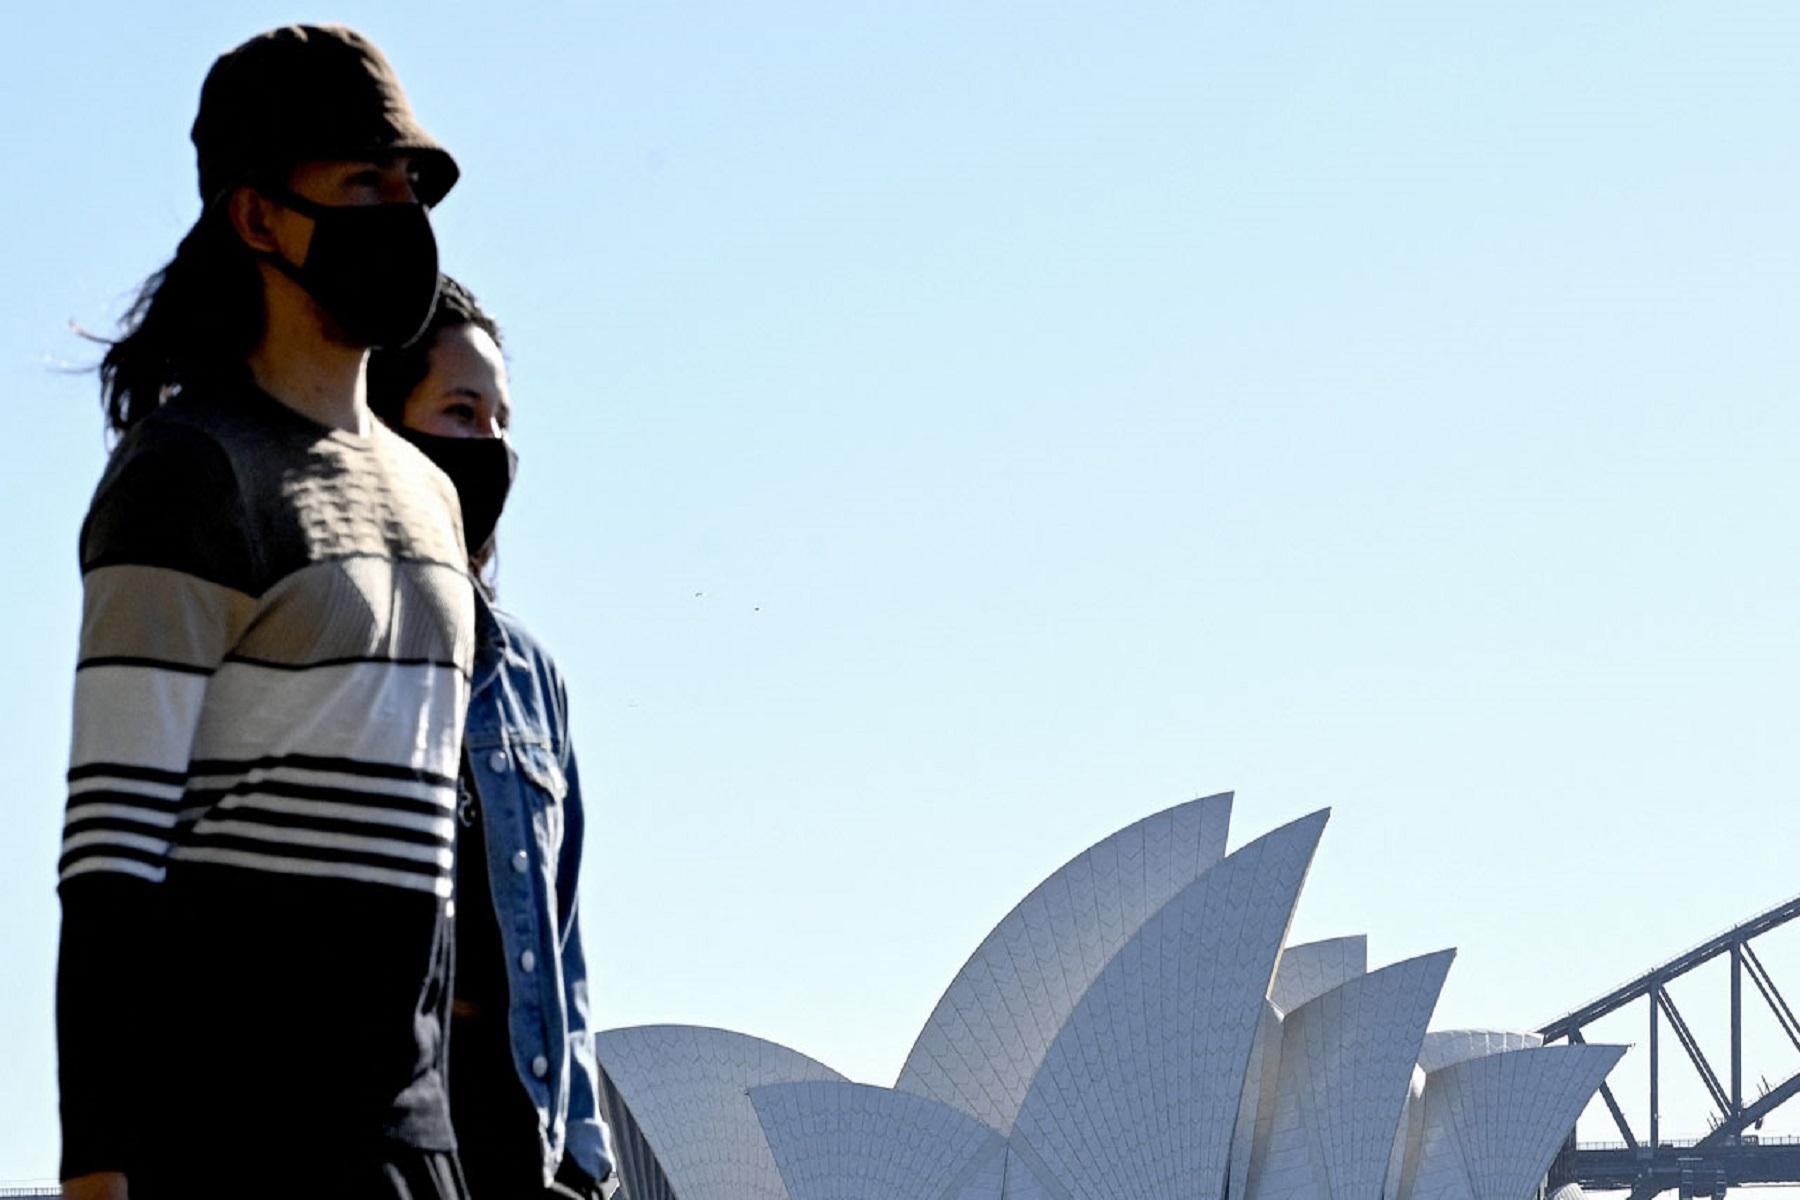 Κορωνοϊός Αυστραλία: Η αυξανόμενη επιδημία του Σίδνεϊ προκαλεί νέα σύνορα εντός της ίδιας της χώρας